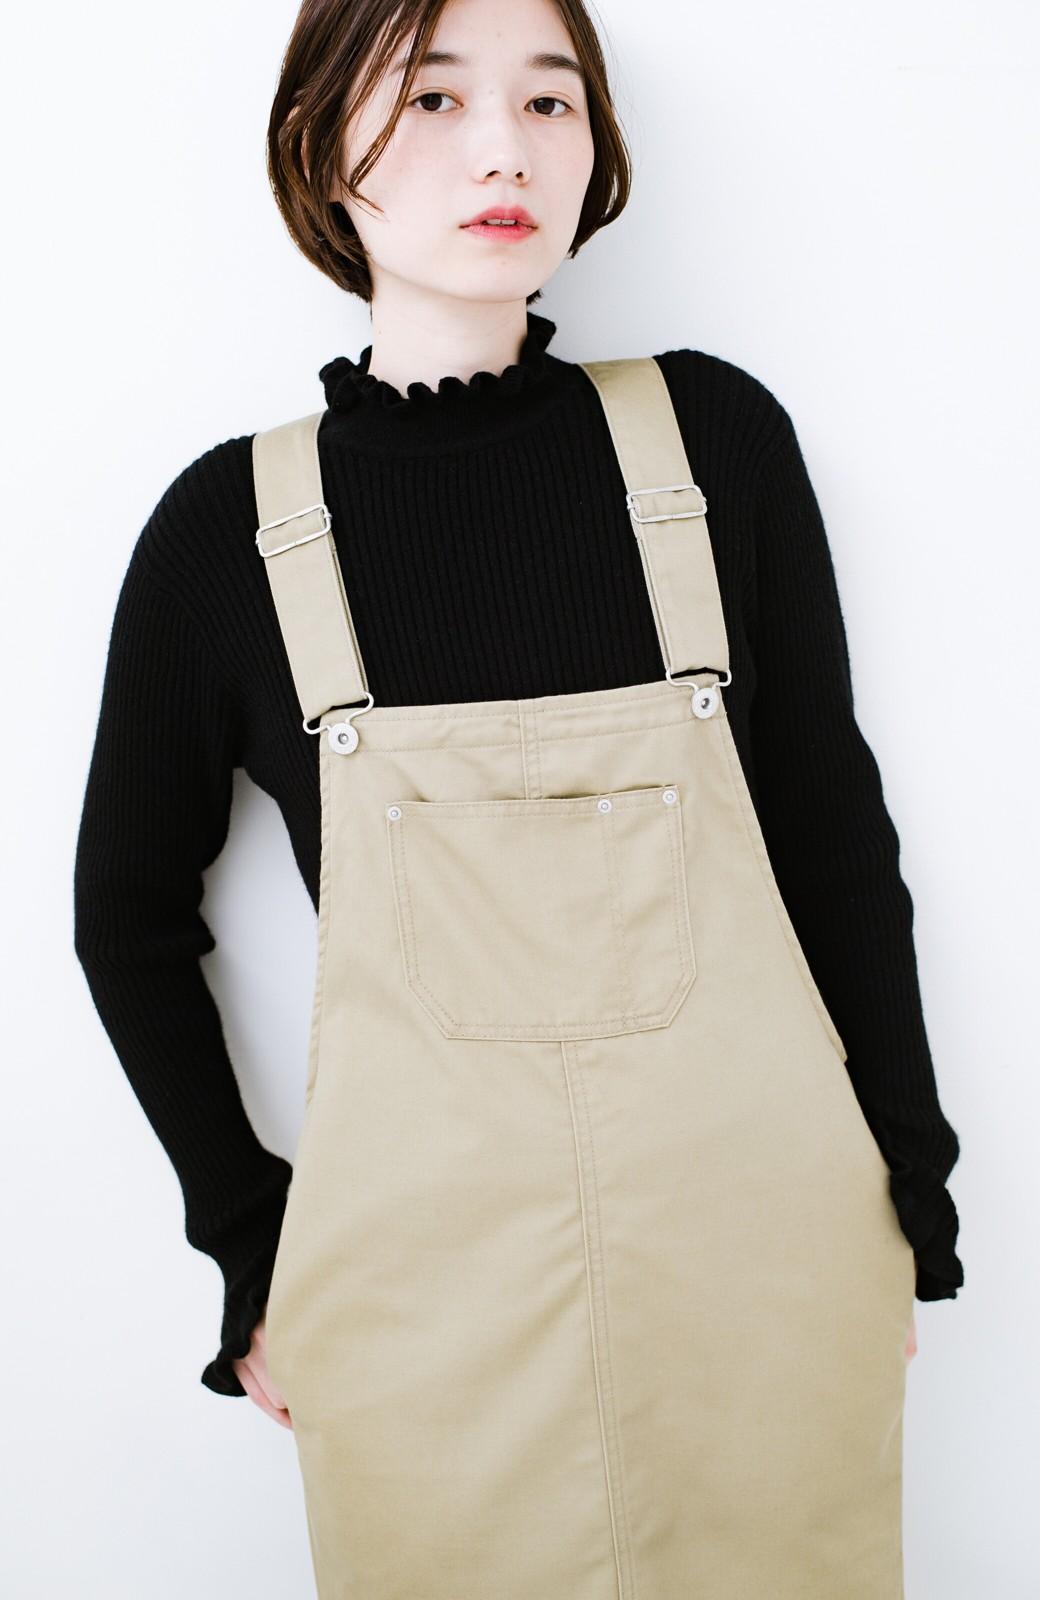 haco! パッと着るだけでかわいくなれそうな気がするフリルリブニット <ブラック>の商品写真14